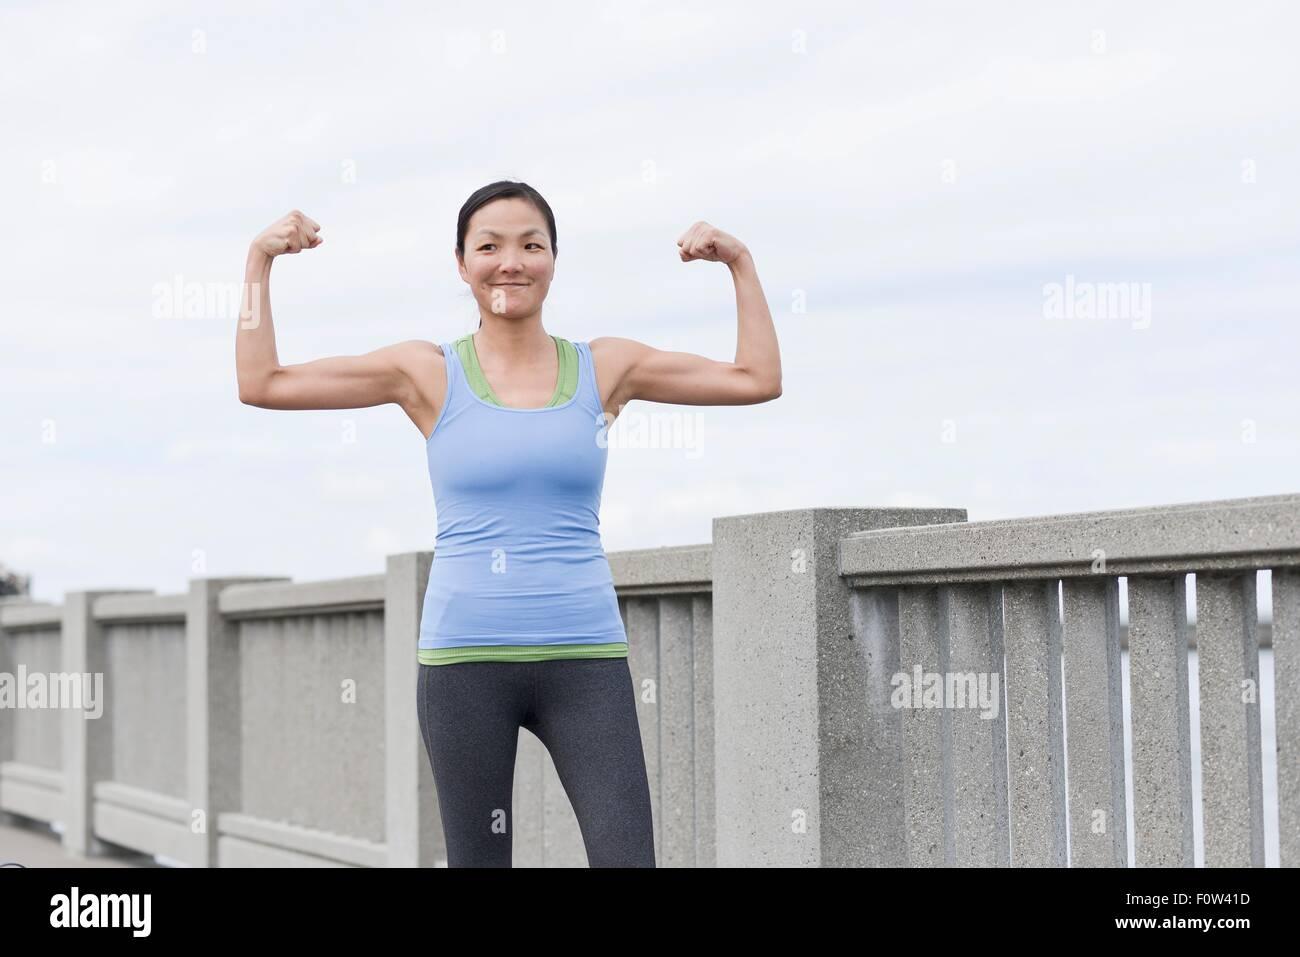 Runner i muscoli di flessione sul ponte, San Francisco, California Immagini Stock